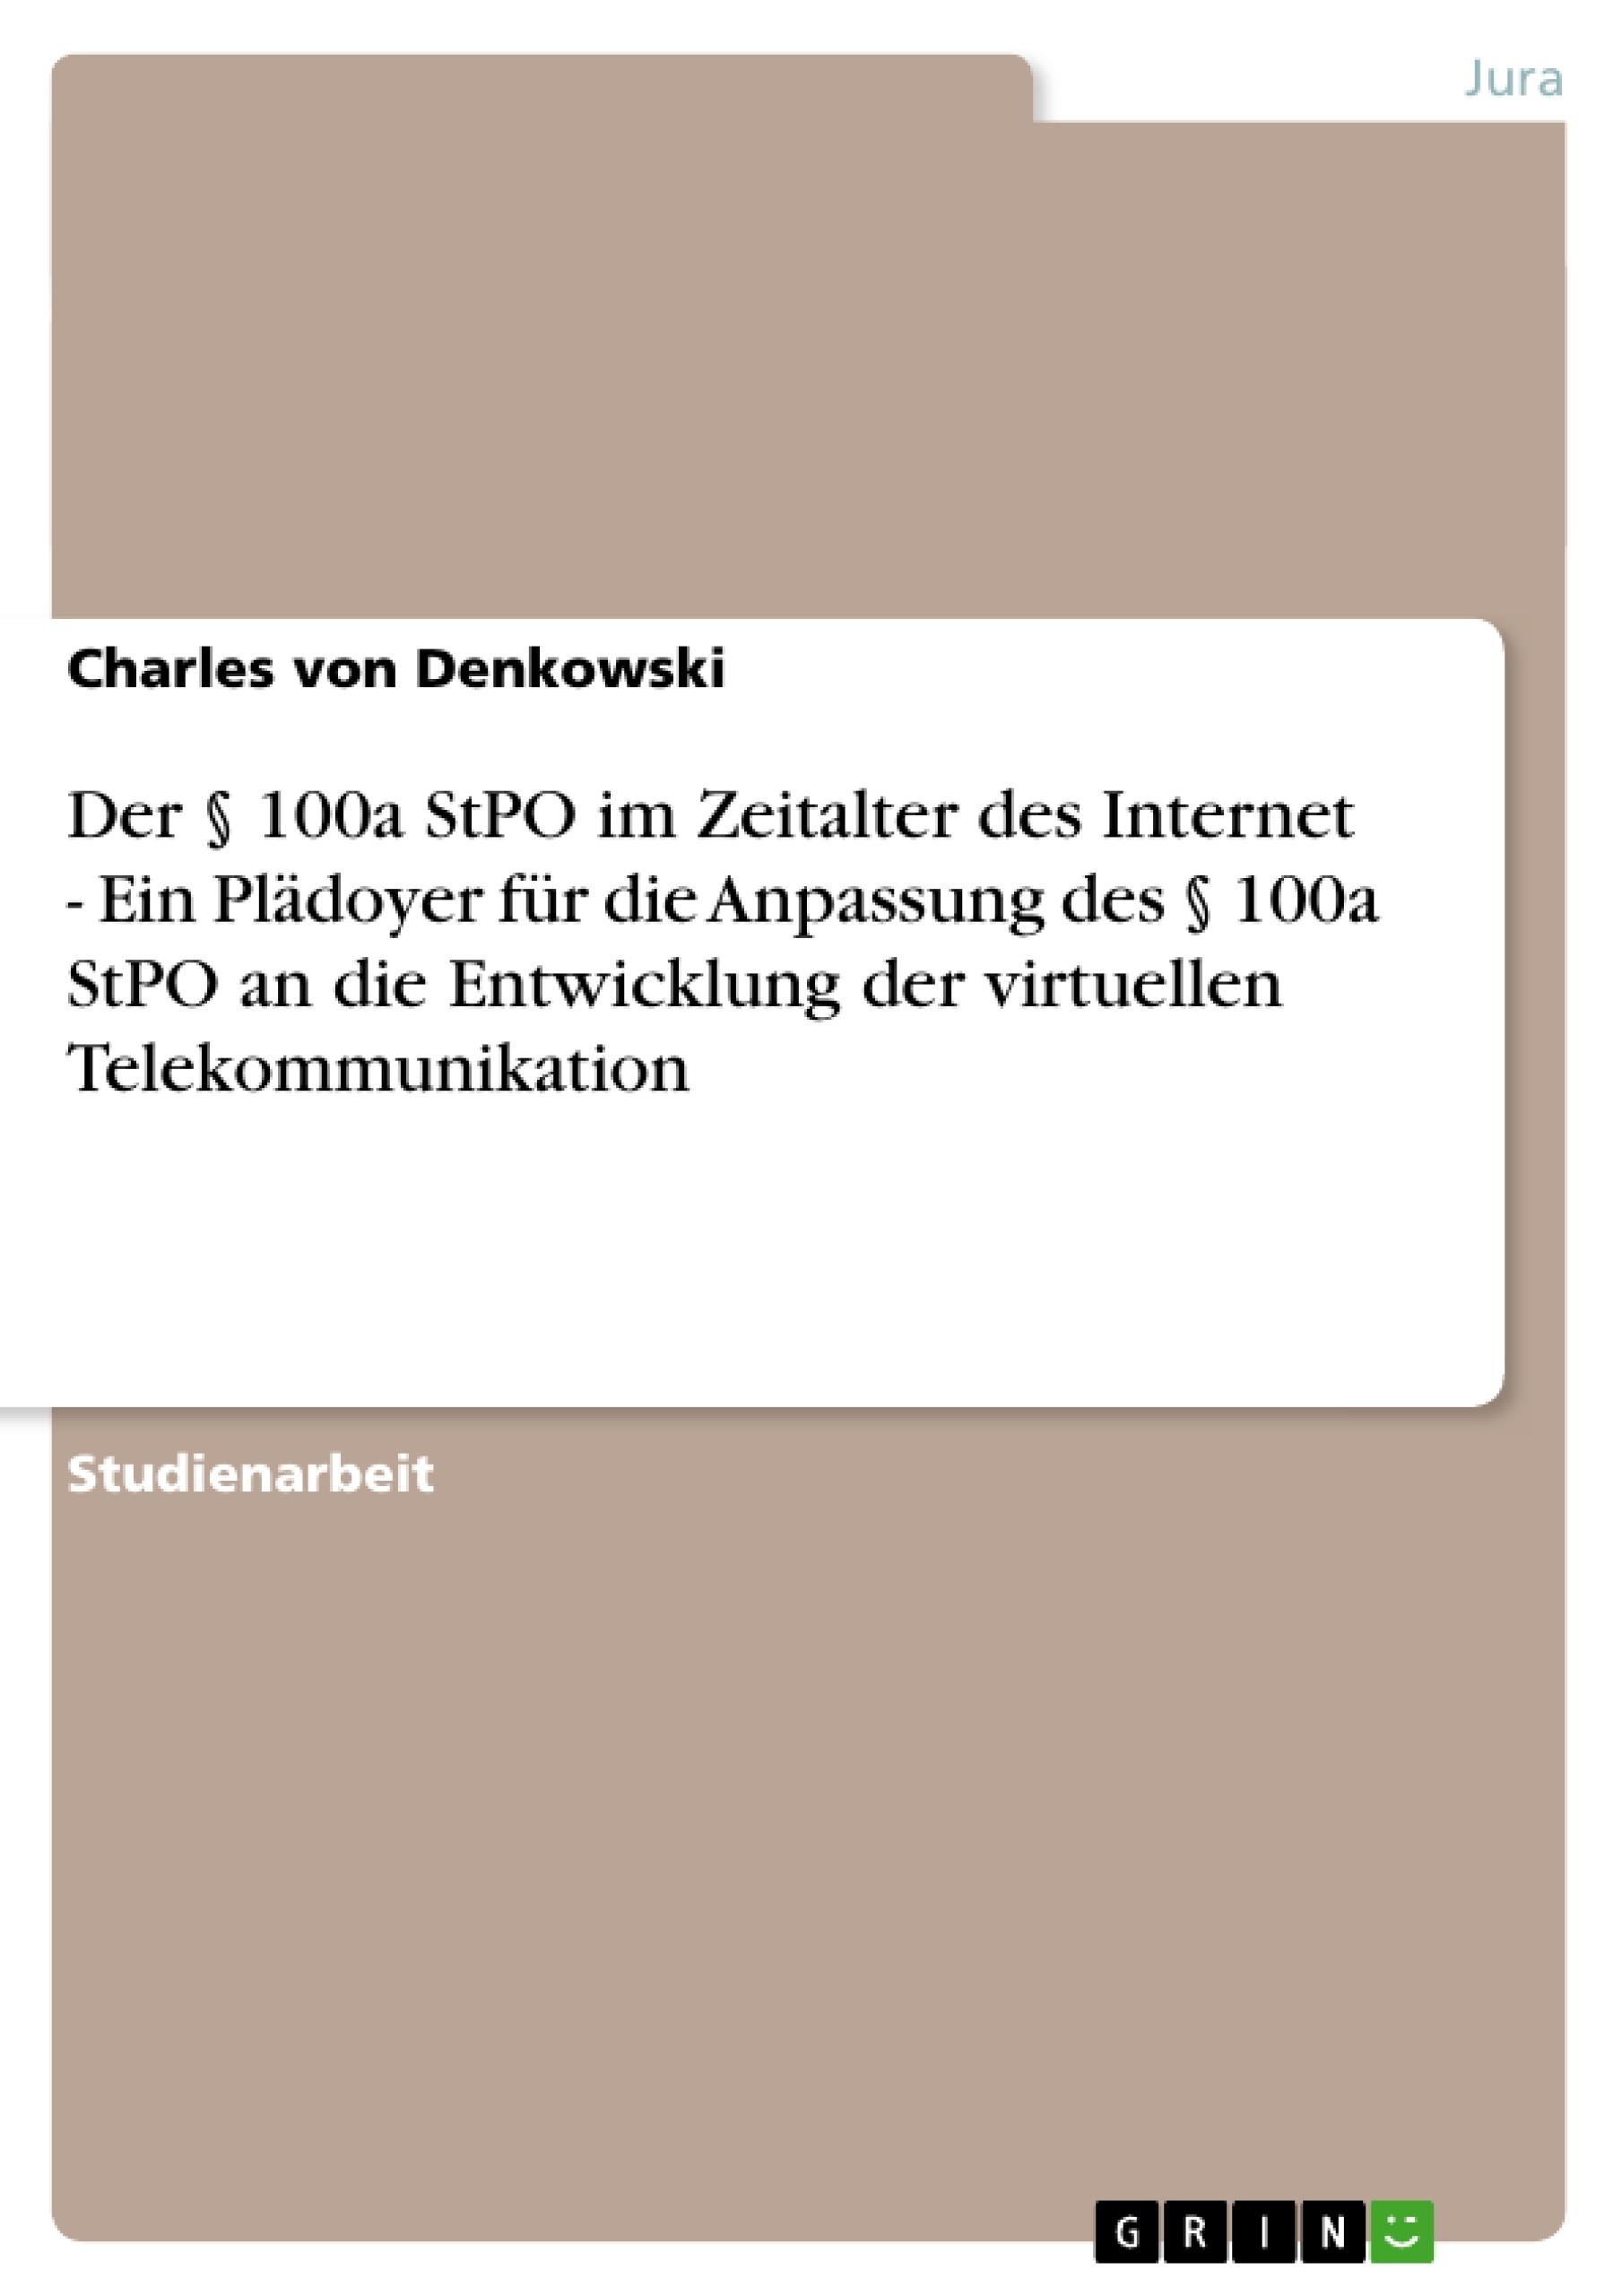 Titel: Der § 100a StPO im Zeitalter des Internet - Ein Plädoyer für die Anpassung des § 100a StPO an die Entwicklung der virtuellen Telekommunikation